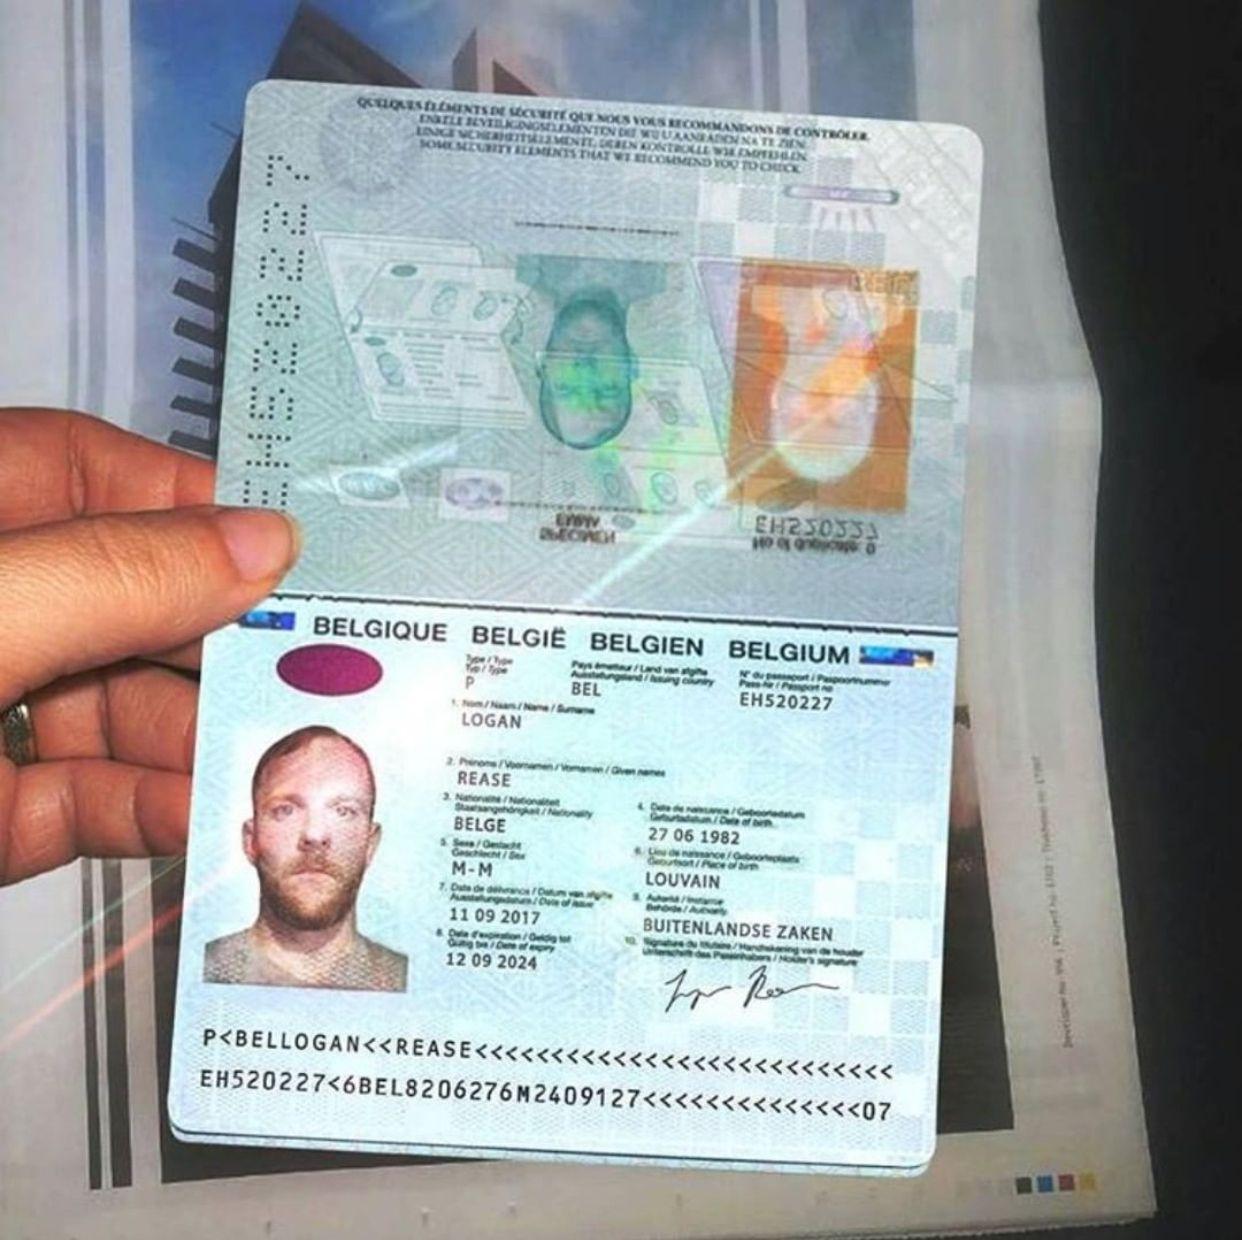 Belgian passports for sale - buy Belgian Passport Online